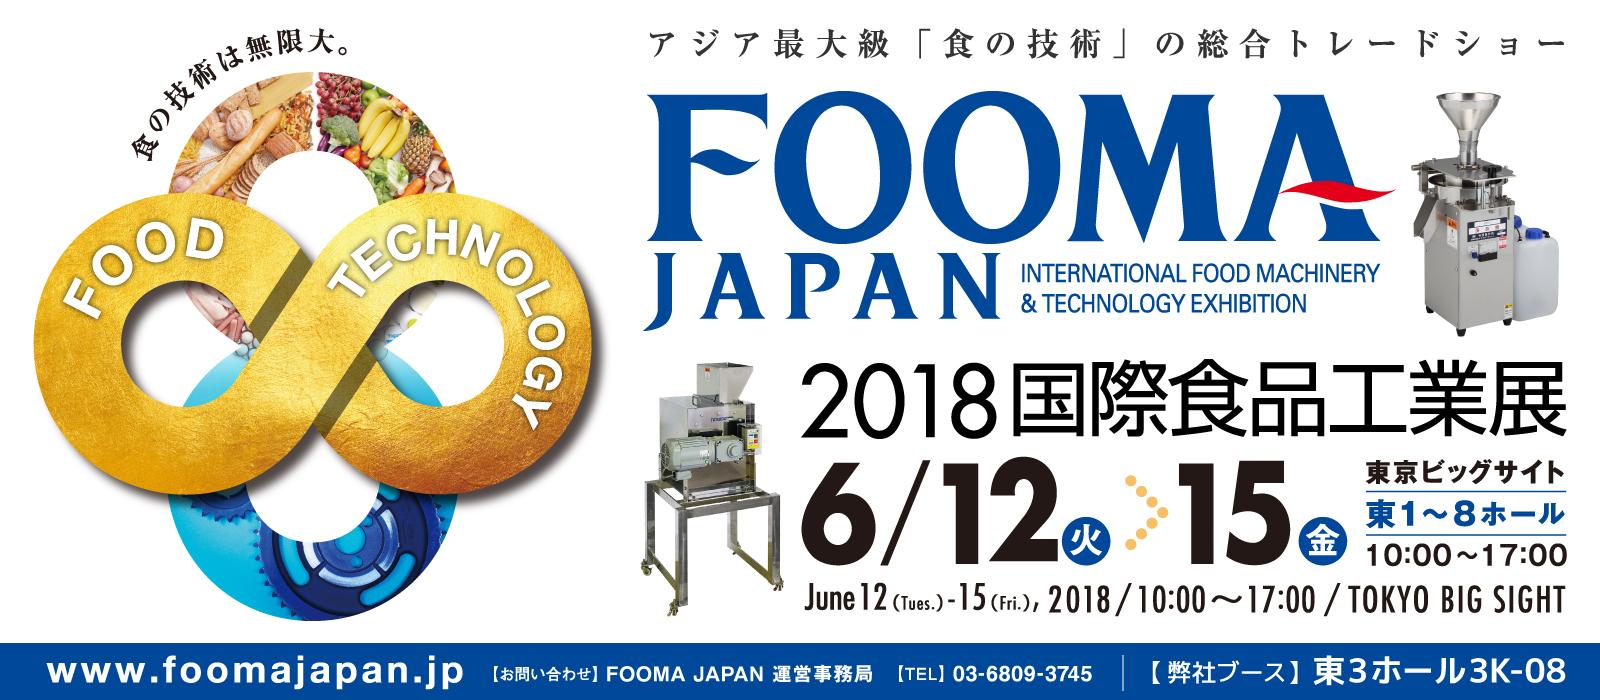 FOOMA JAPAN 2018